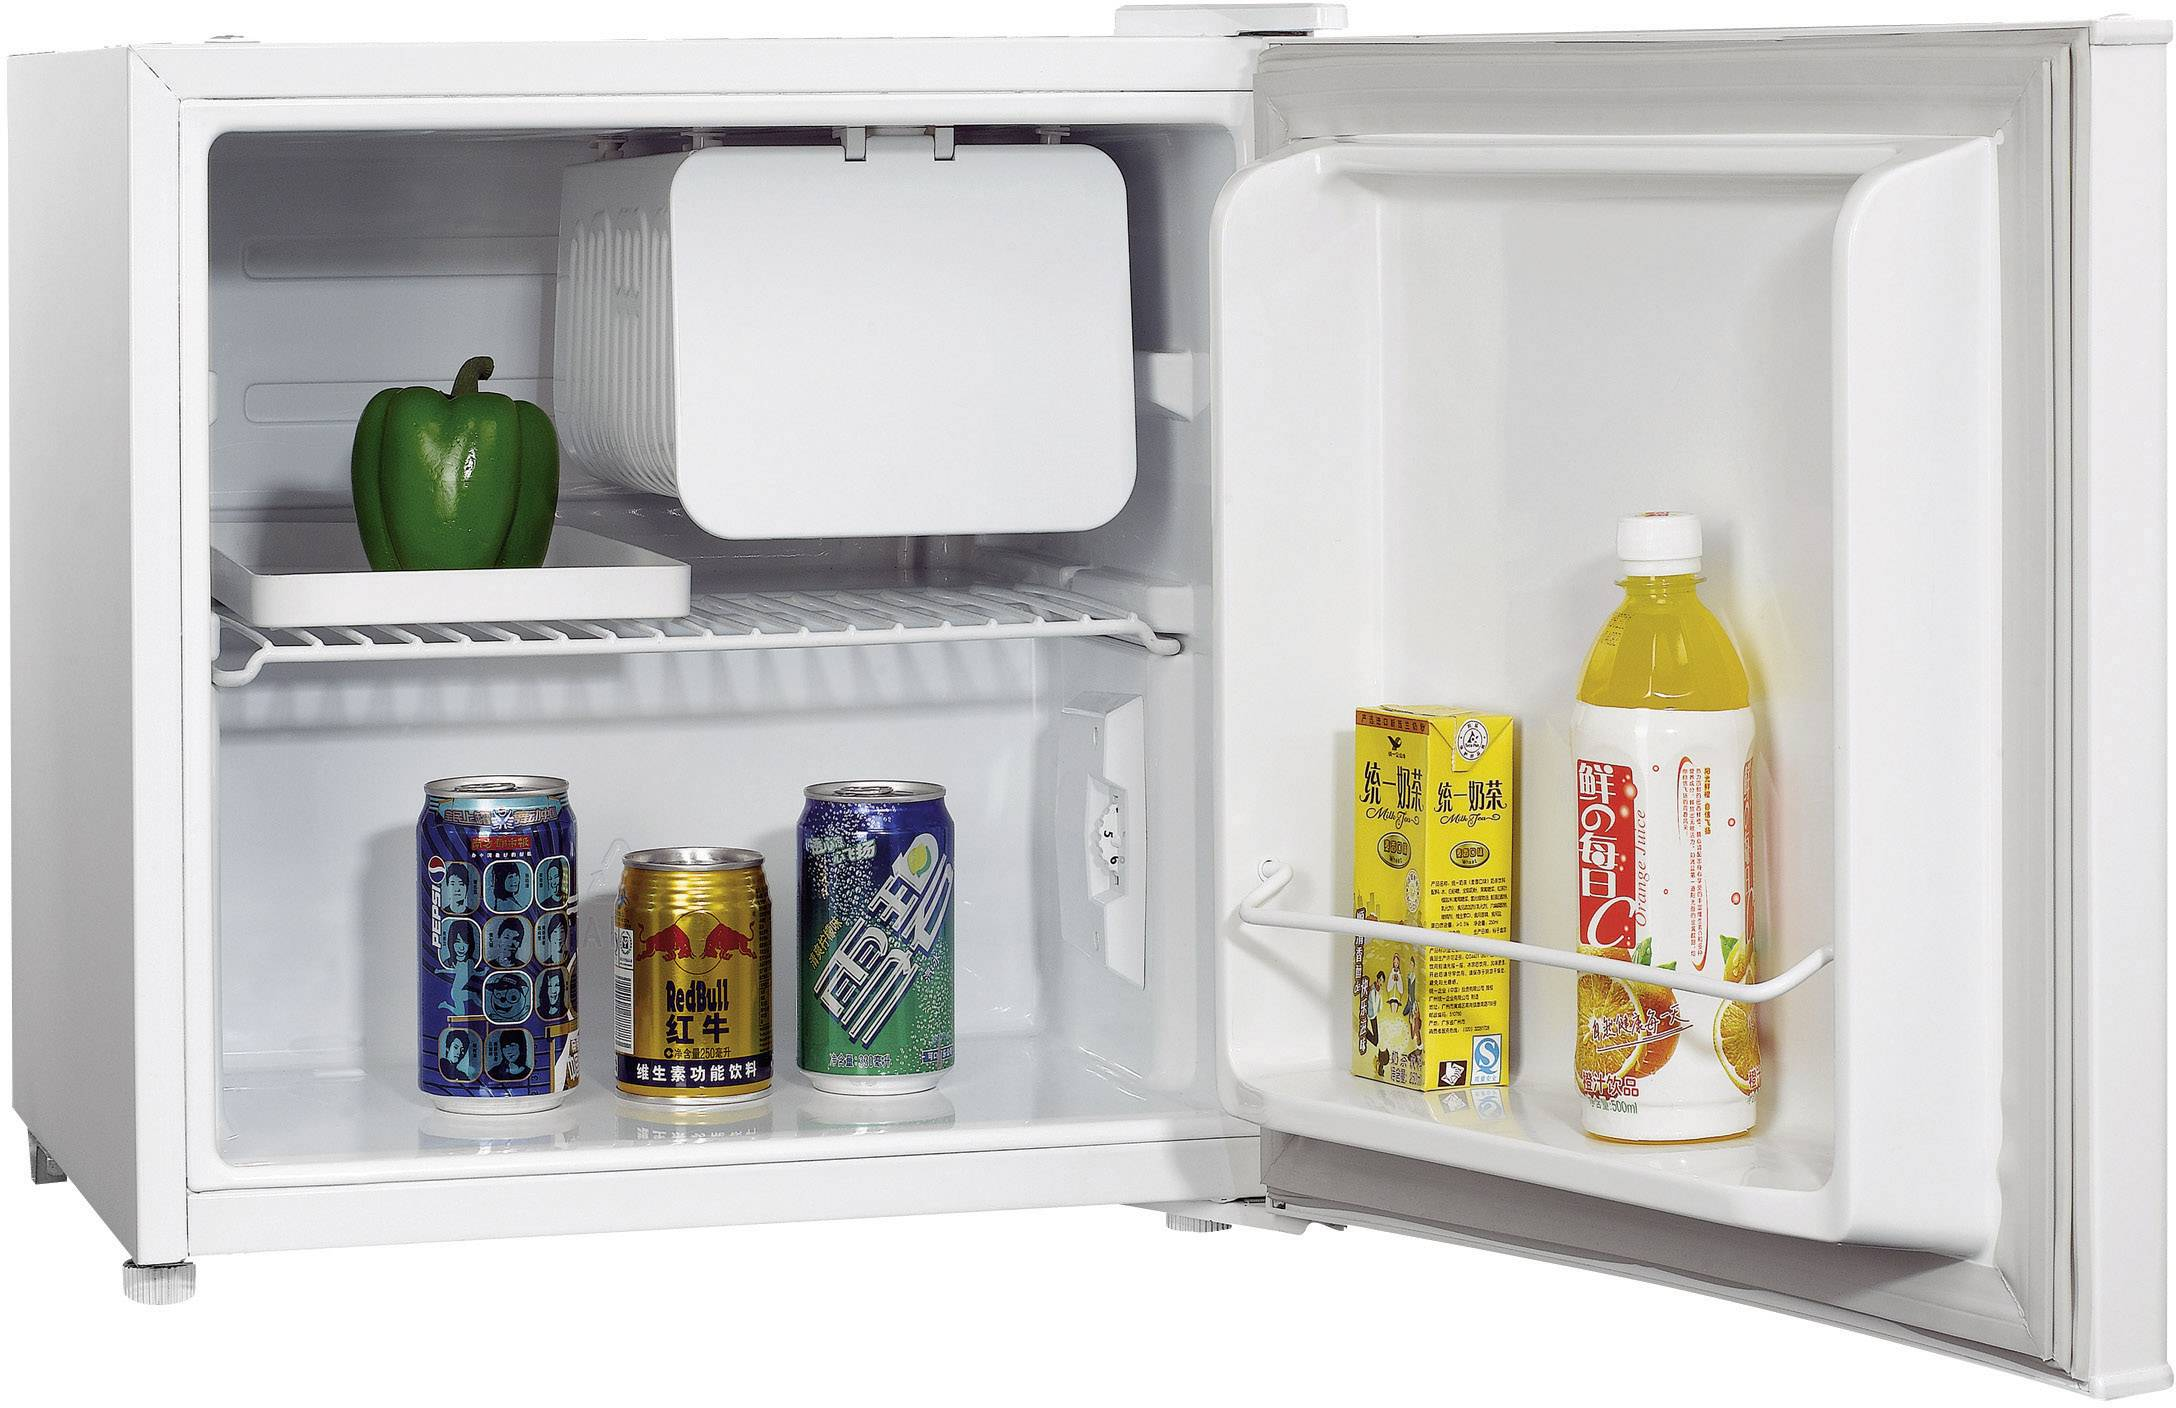 Kleiner Kühlschrank Für Flaschen : Mini kühlschrank liter flaschen finebuy mini kühlschrank liter